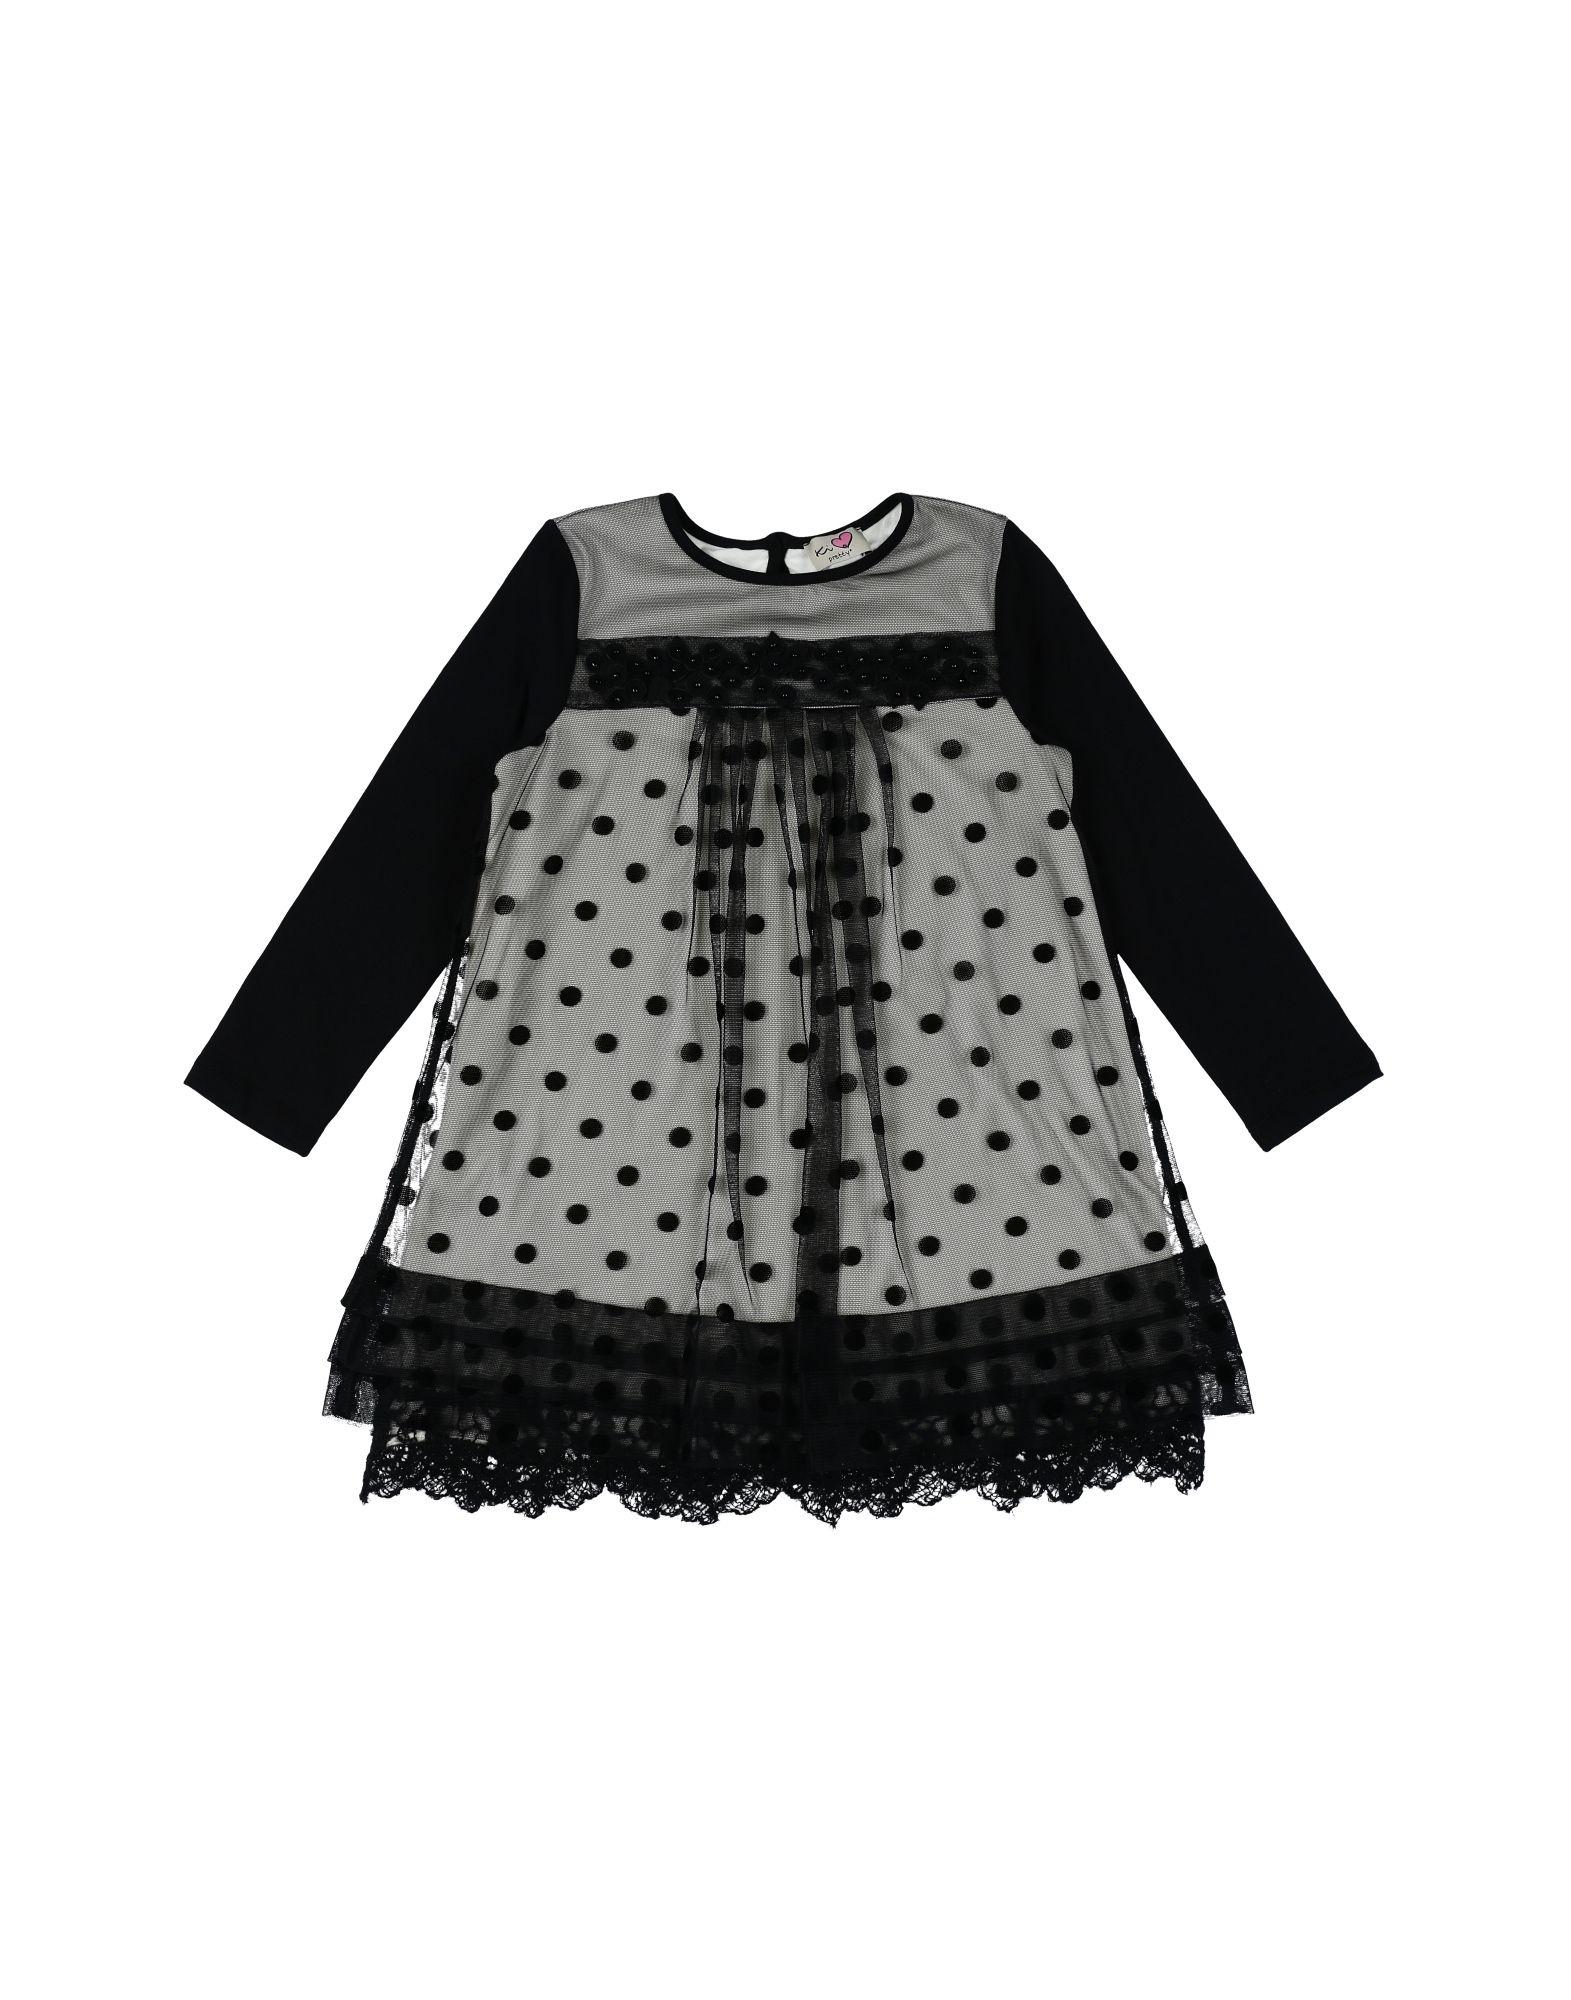 KI6 PRETTY Dresses